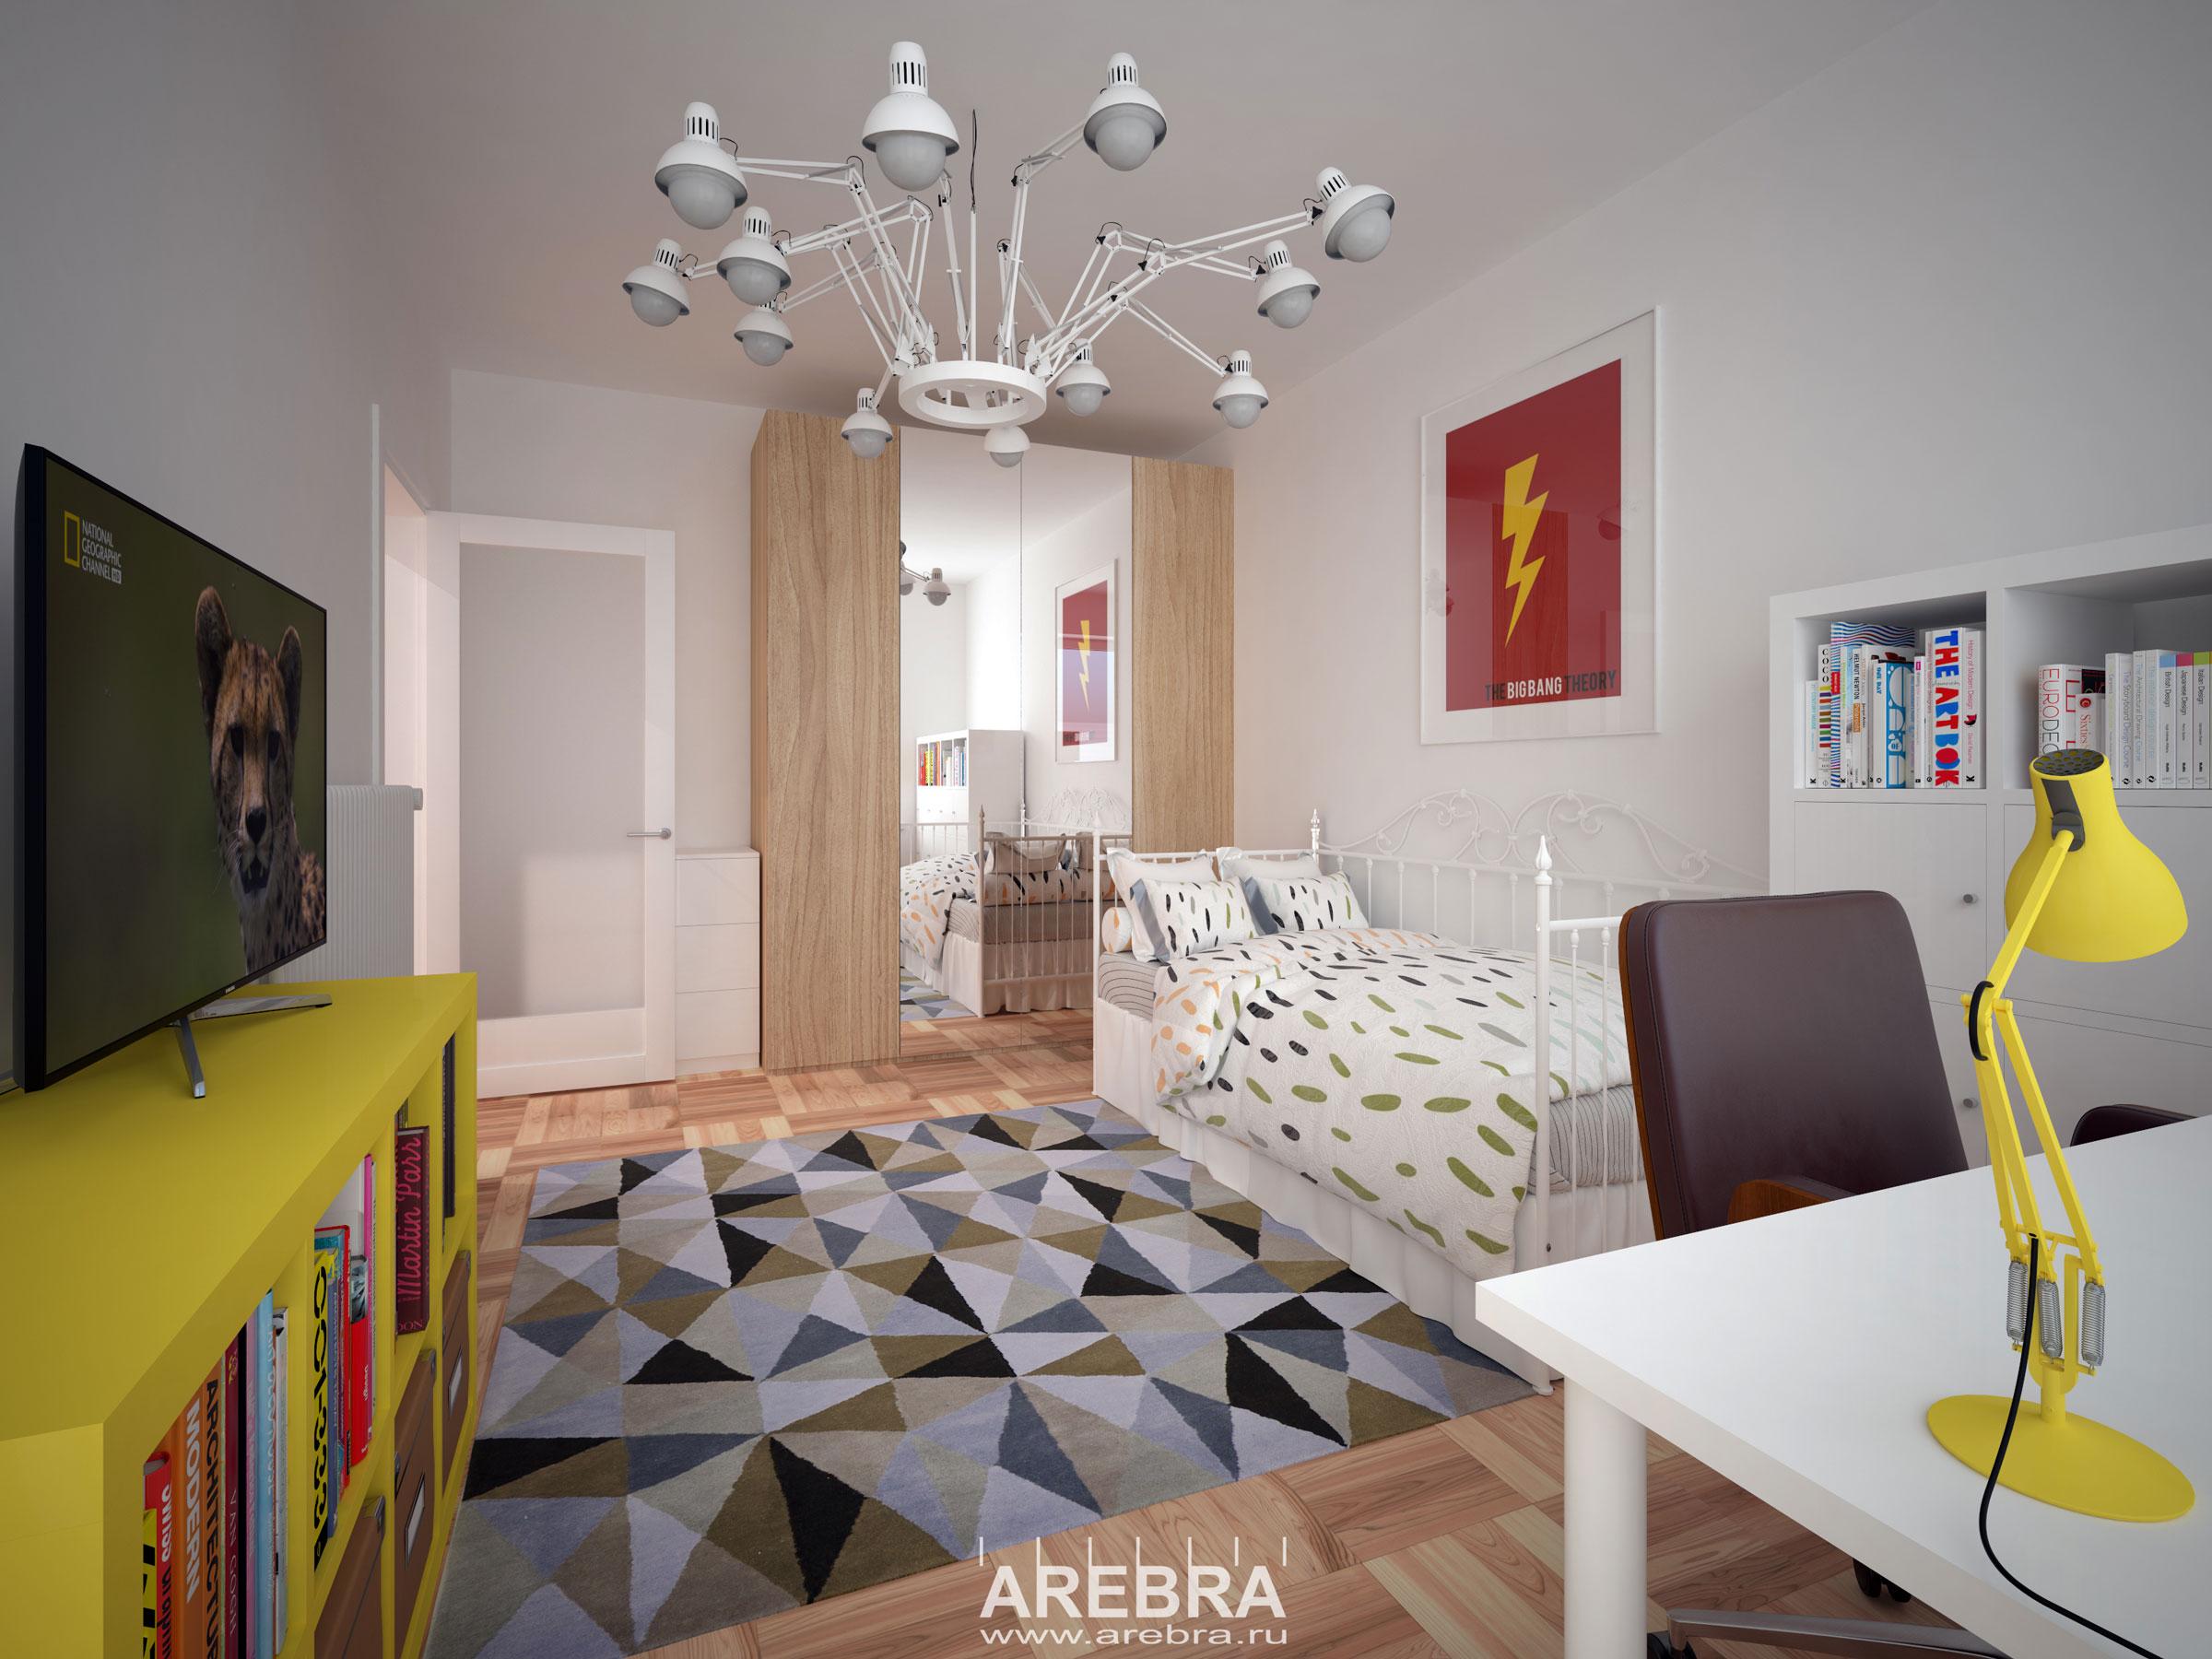 Дизайн проект интерьера части квартиры в г. Гамбург площадью 58м2.